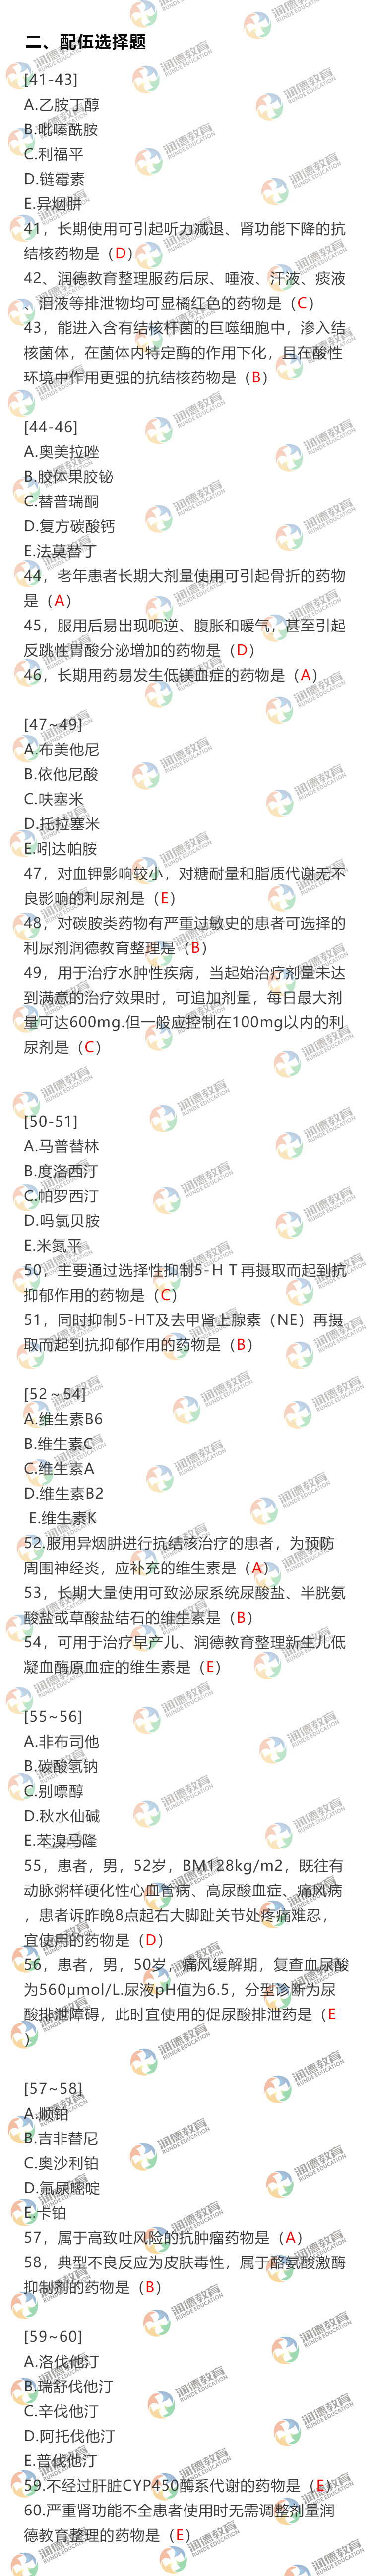 执业药师西药二41-50.jpg